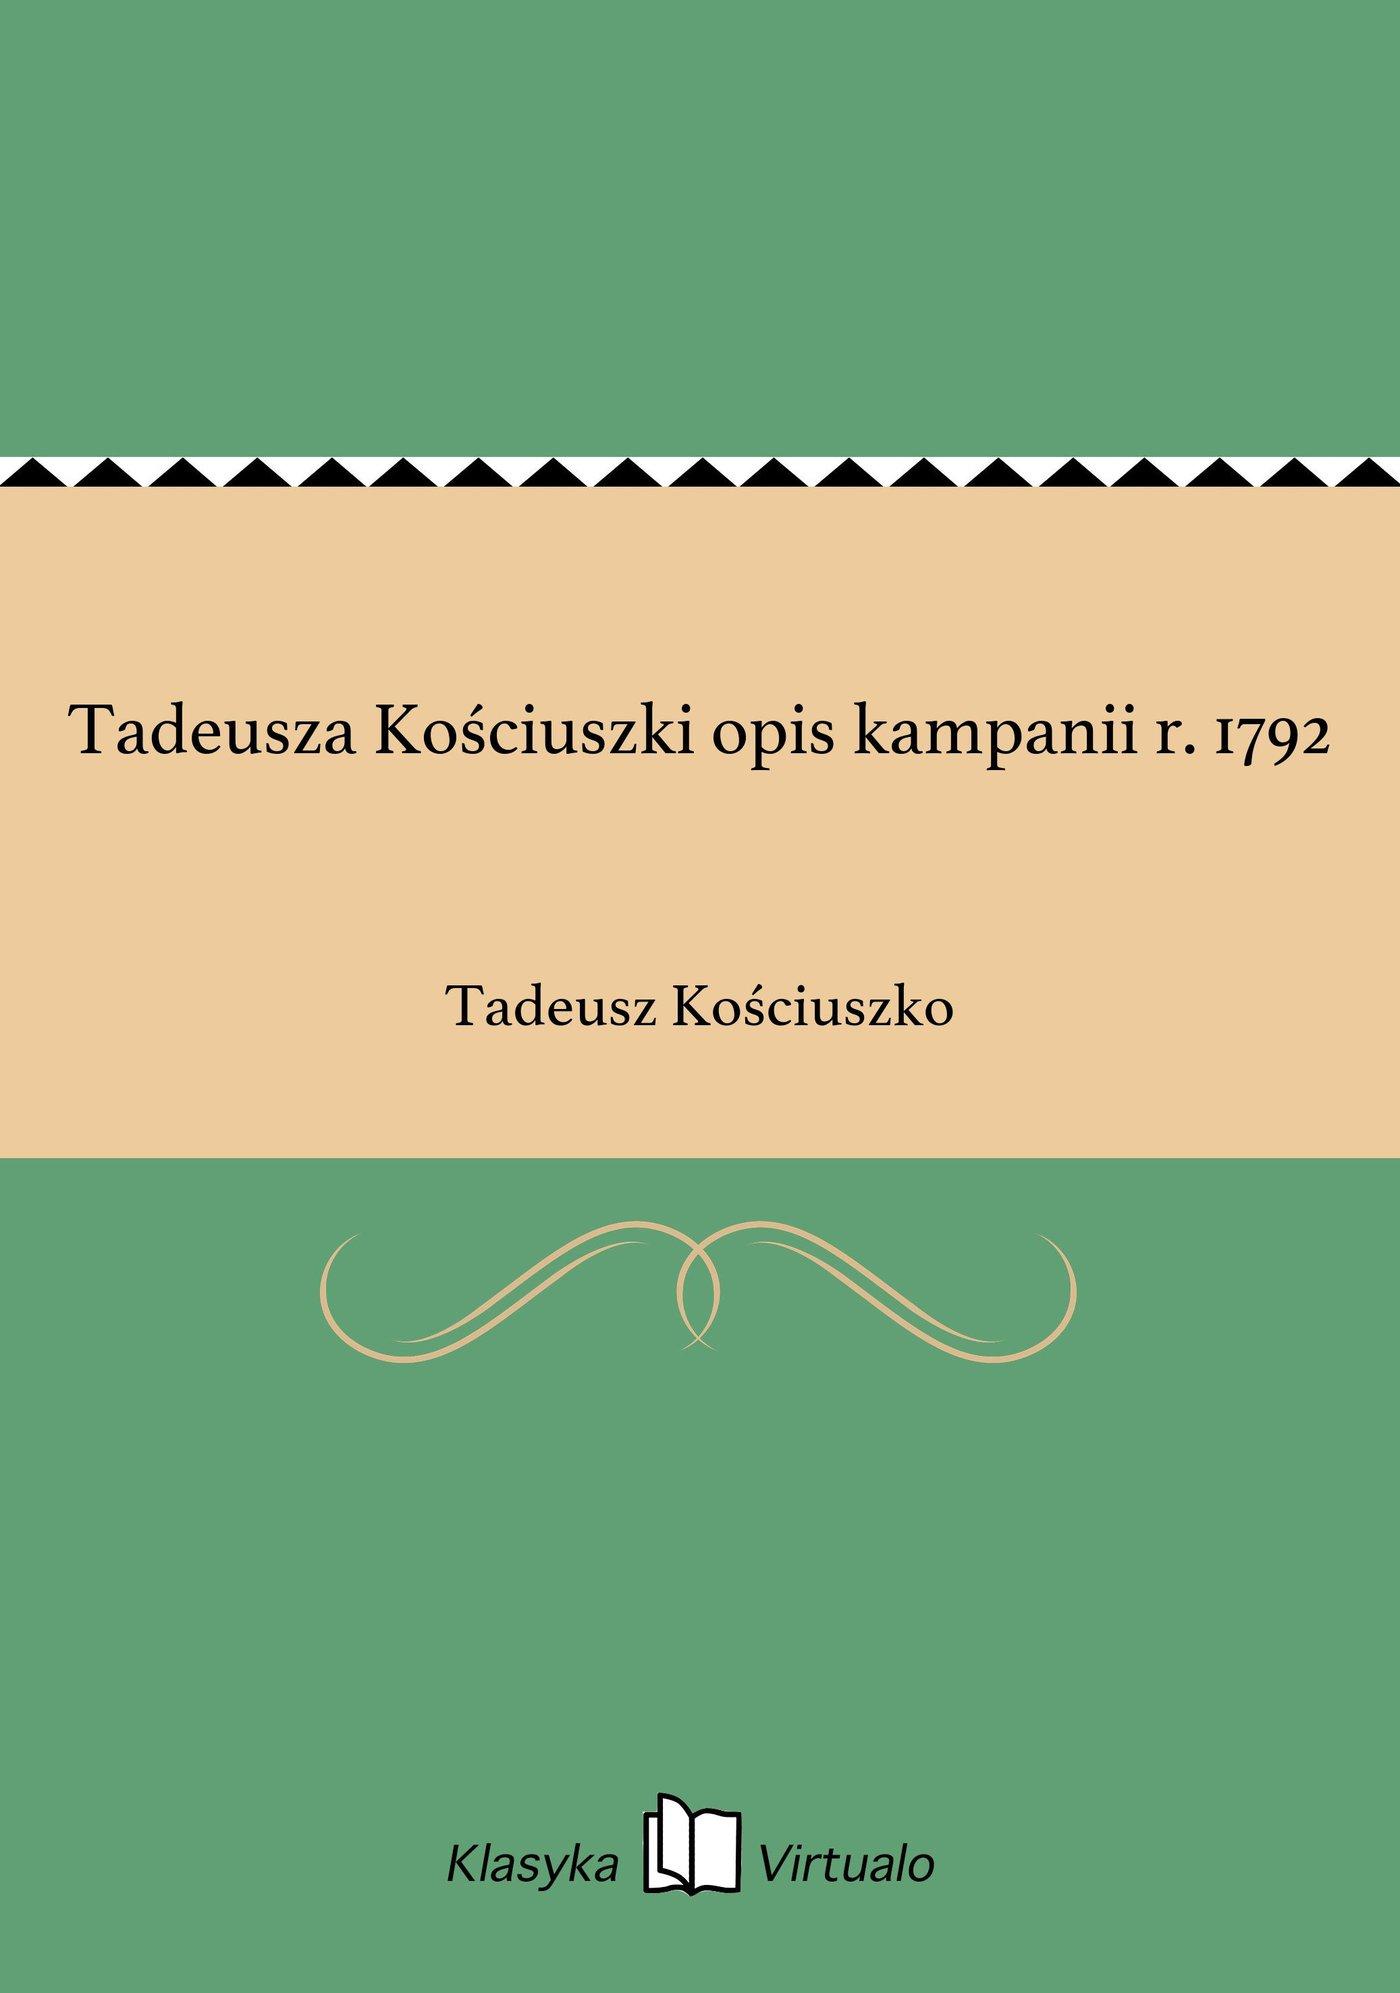 Tadeusza Kościuszki opis kampanii r. 1792 - Ebook (Książka EPUB) do pobrania w formacie EPUB